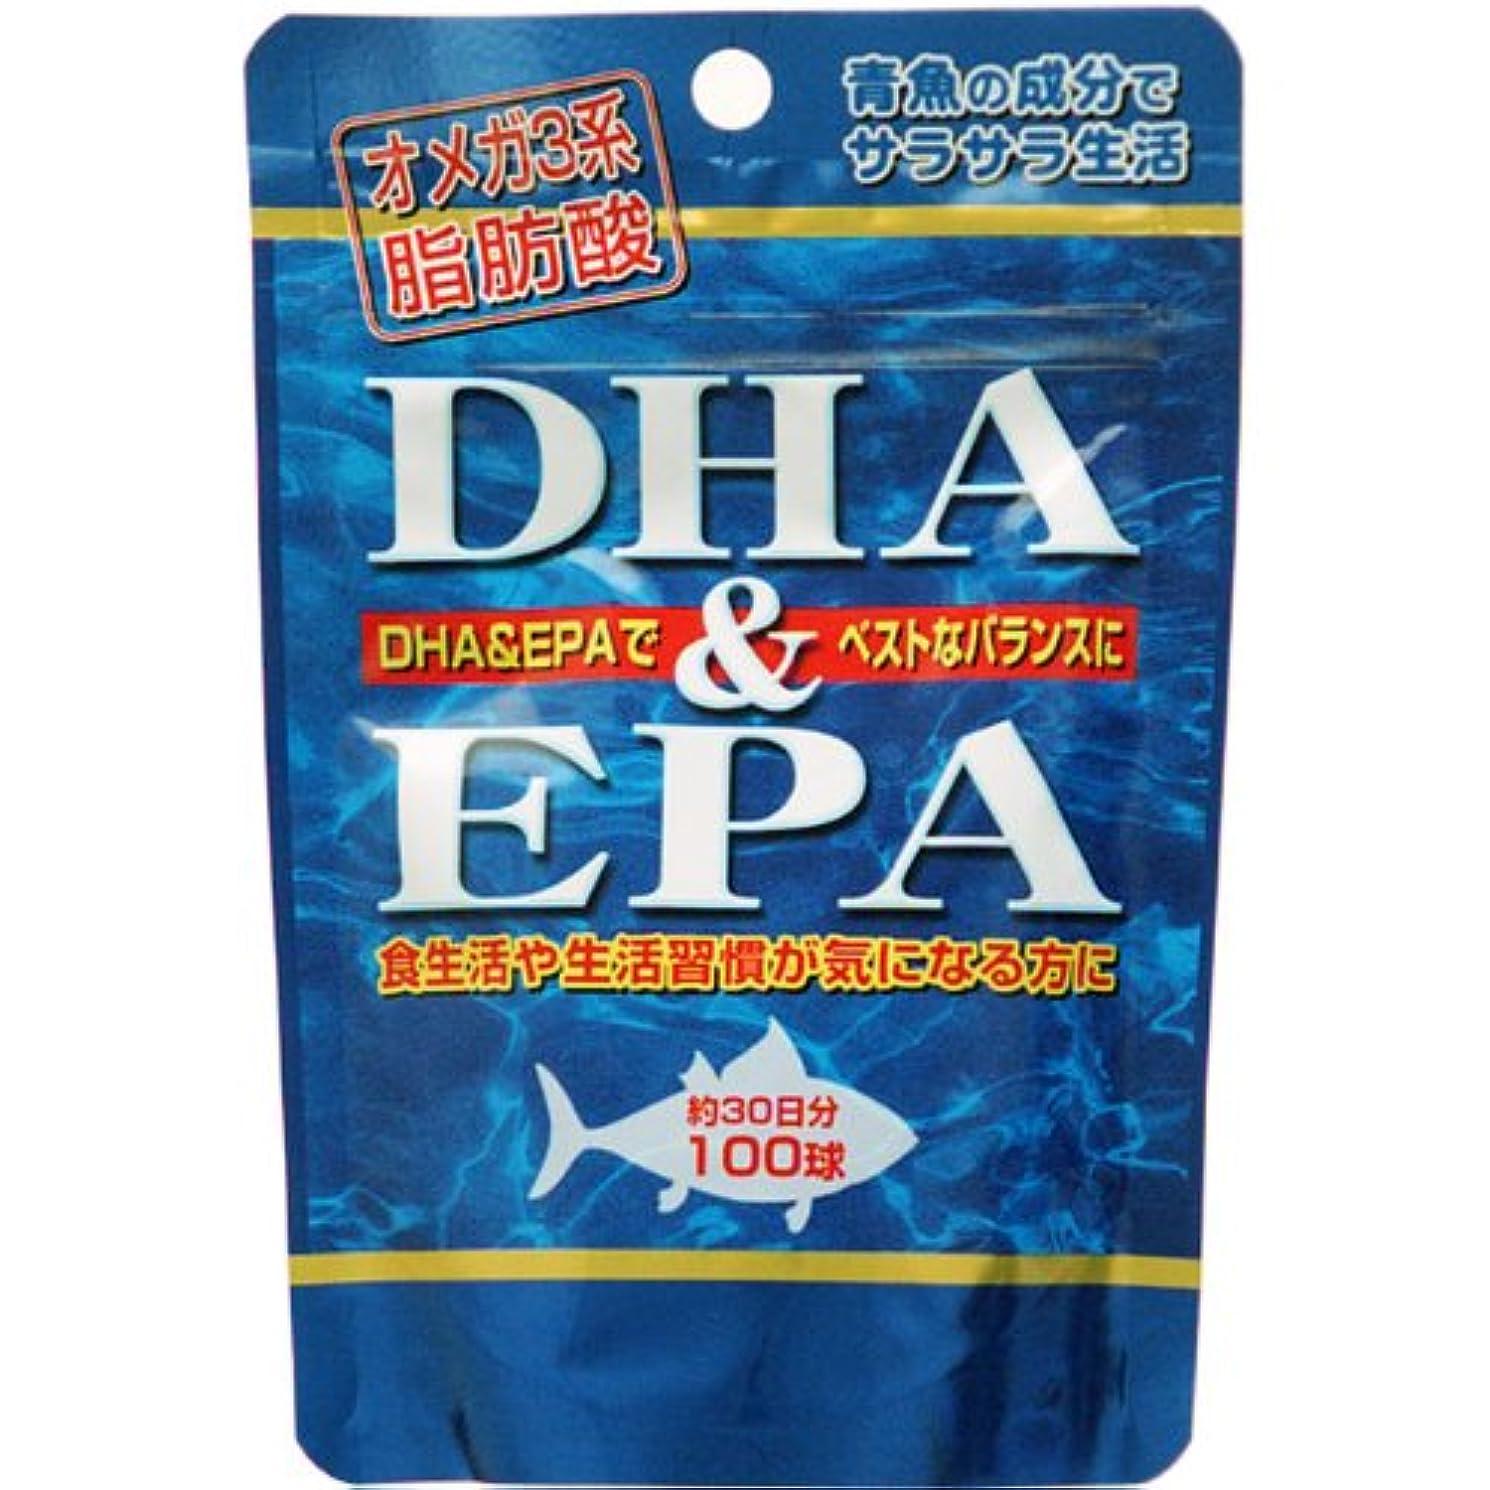 喜ぶ繰り返す降下DHA(ドコサヘキサエン酸)&EPA(エイコサペンタエン酸)×6